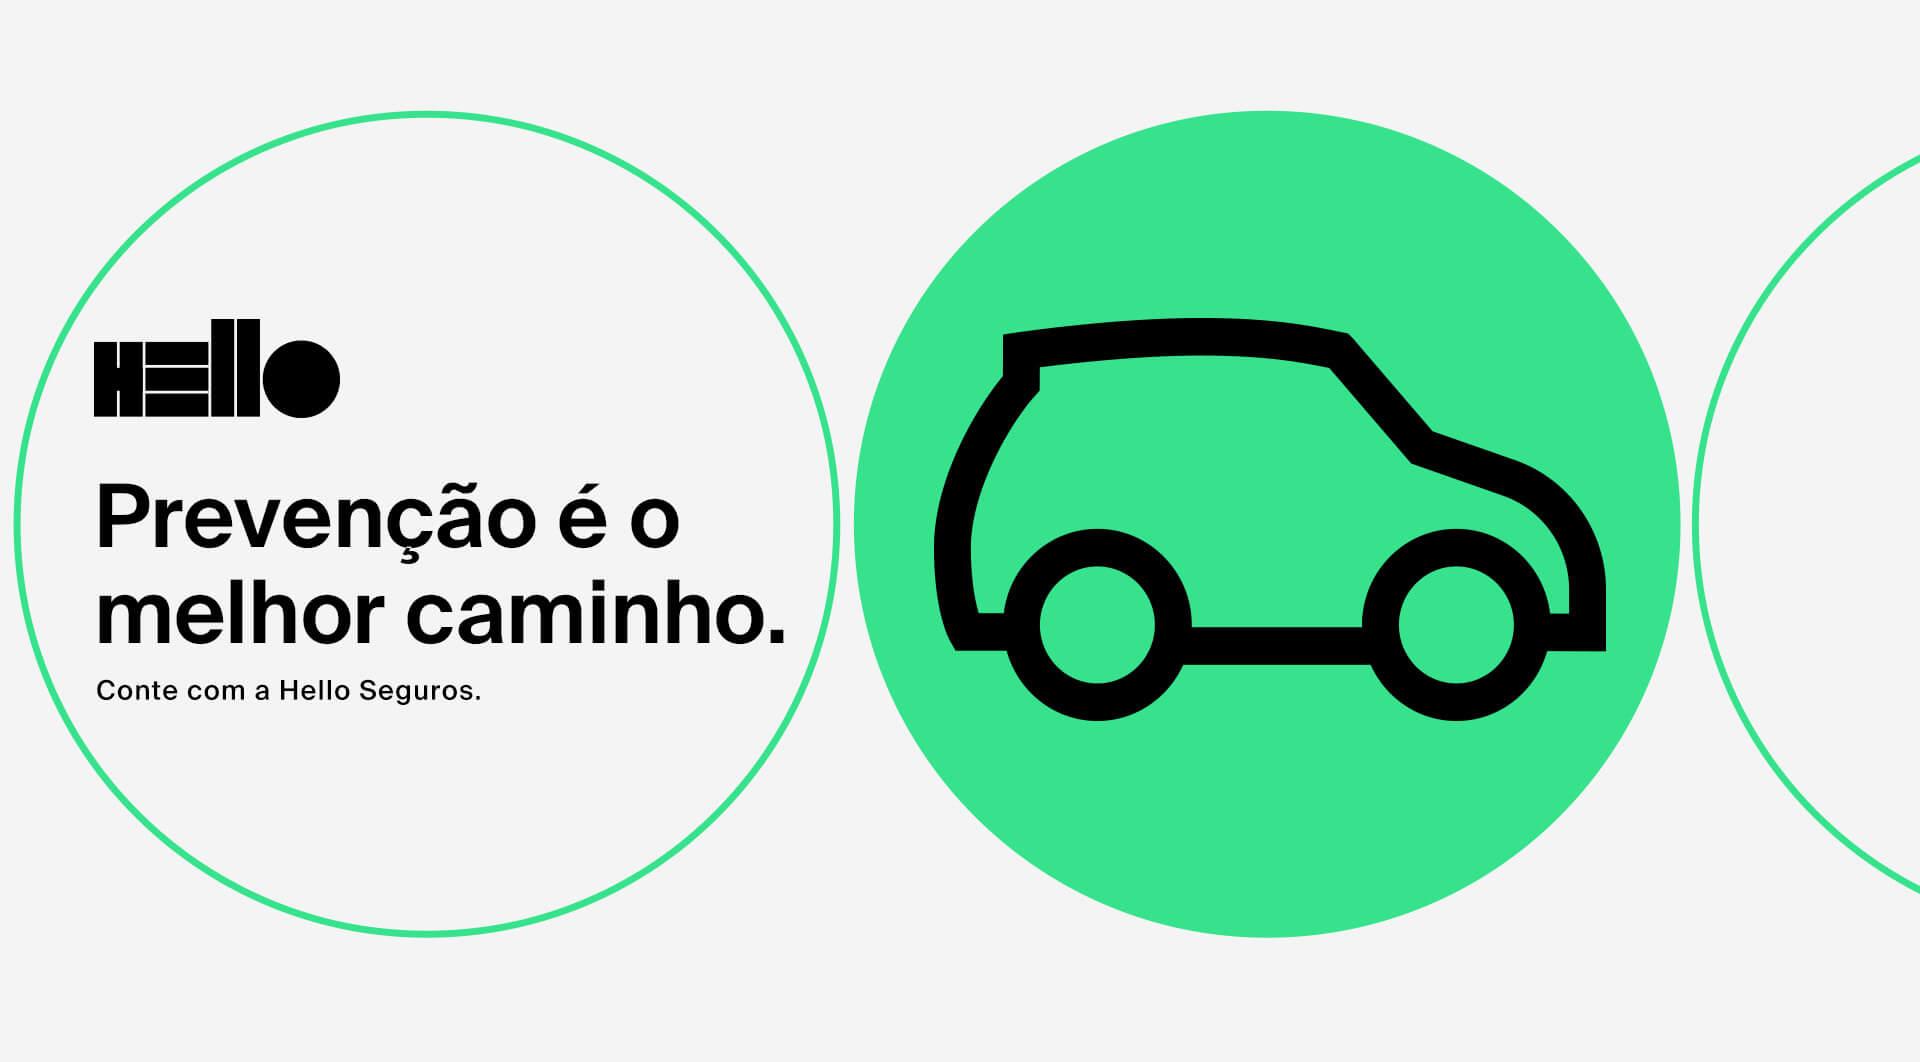 firmorama_hello-seguros_05-3